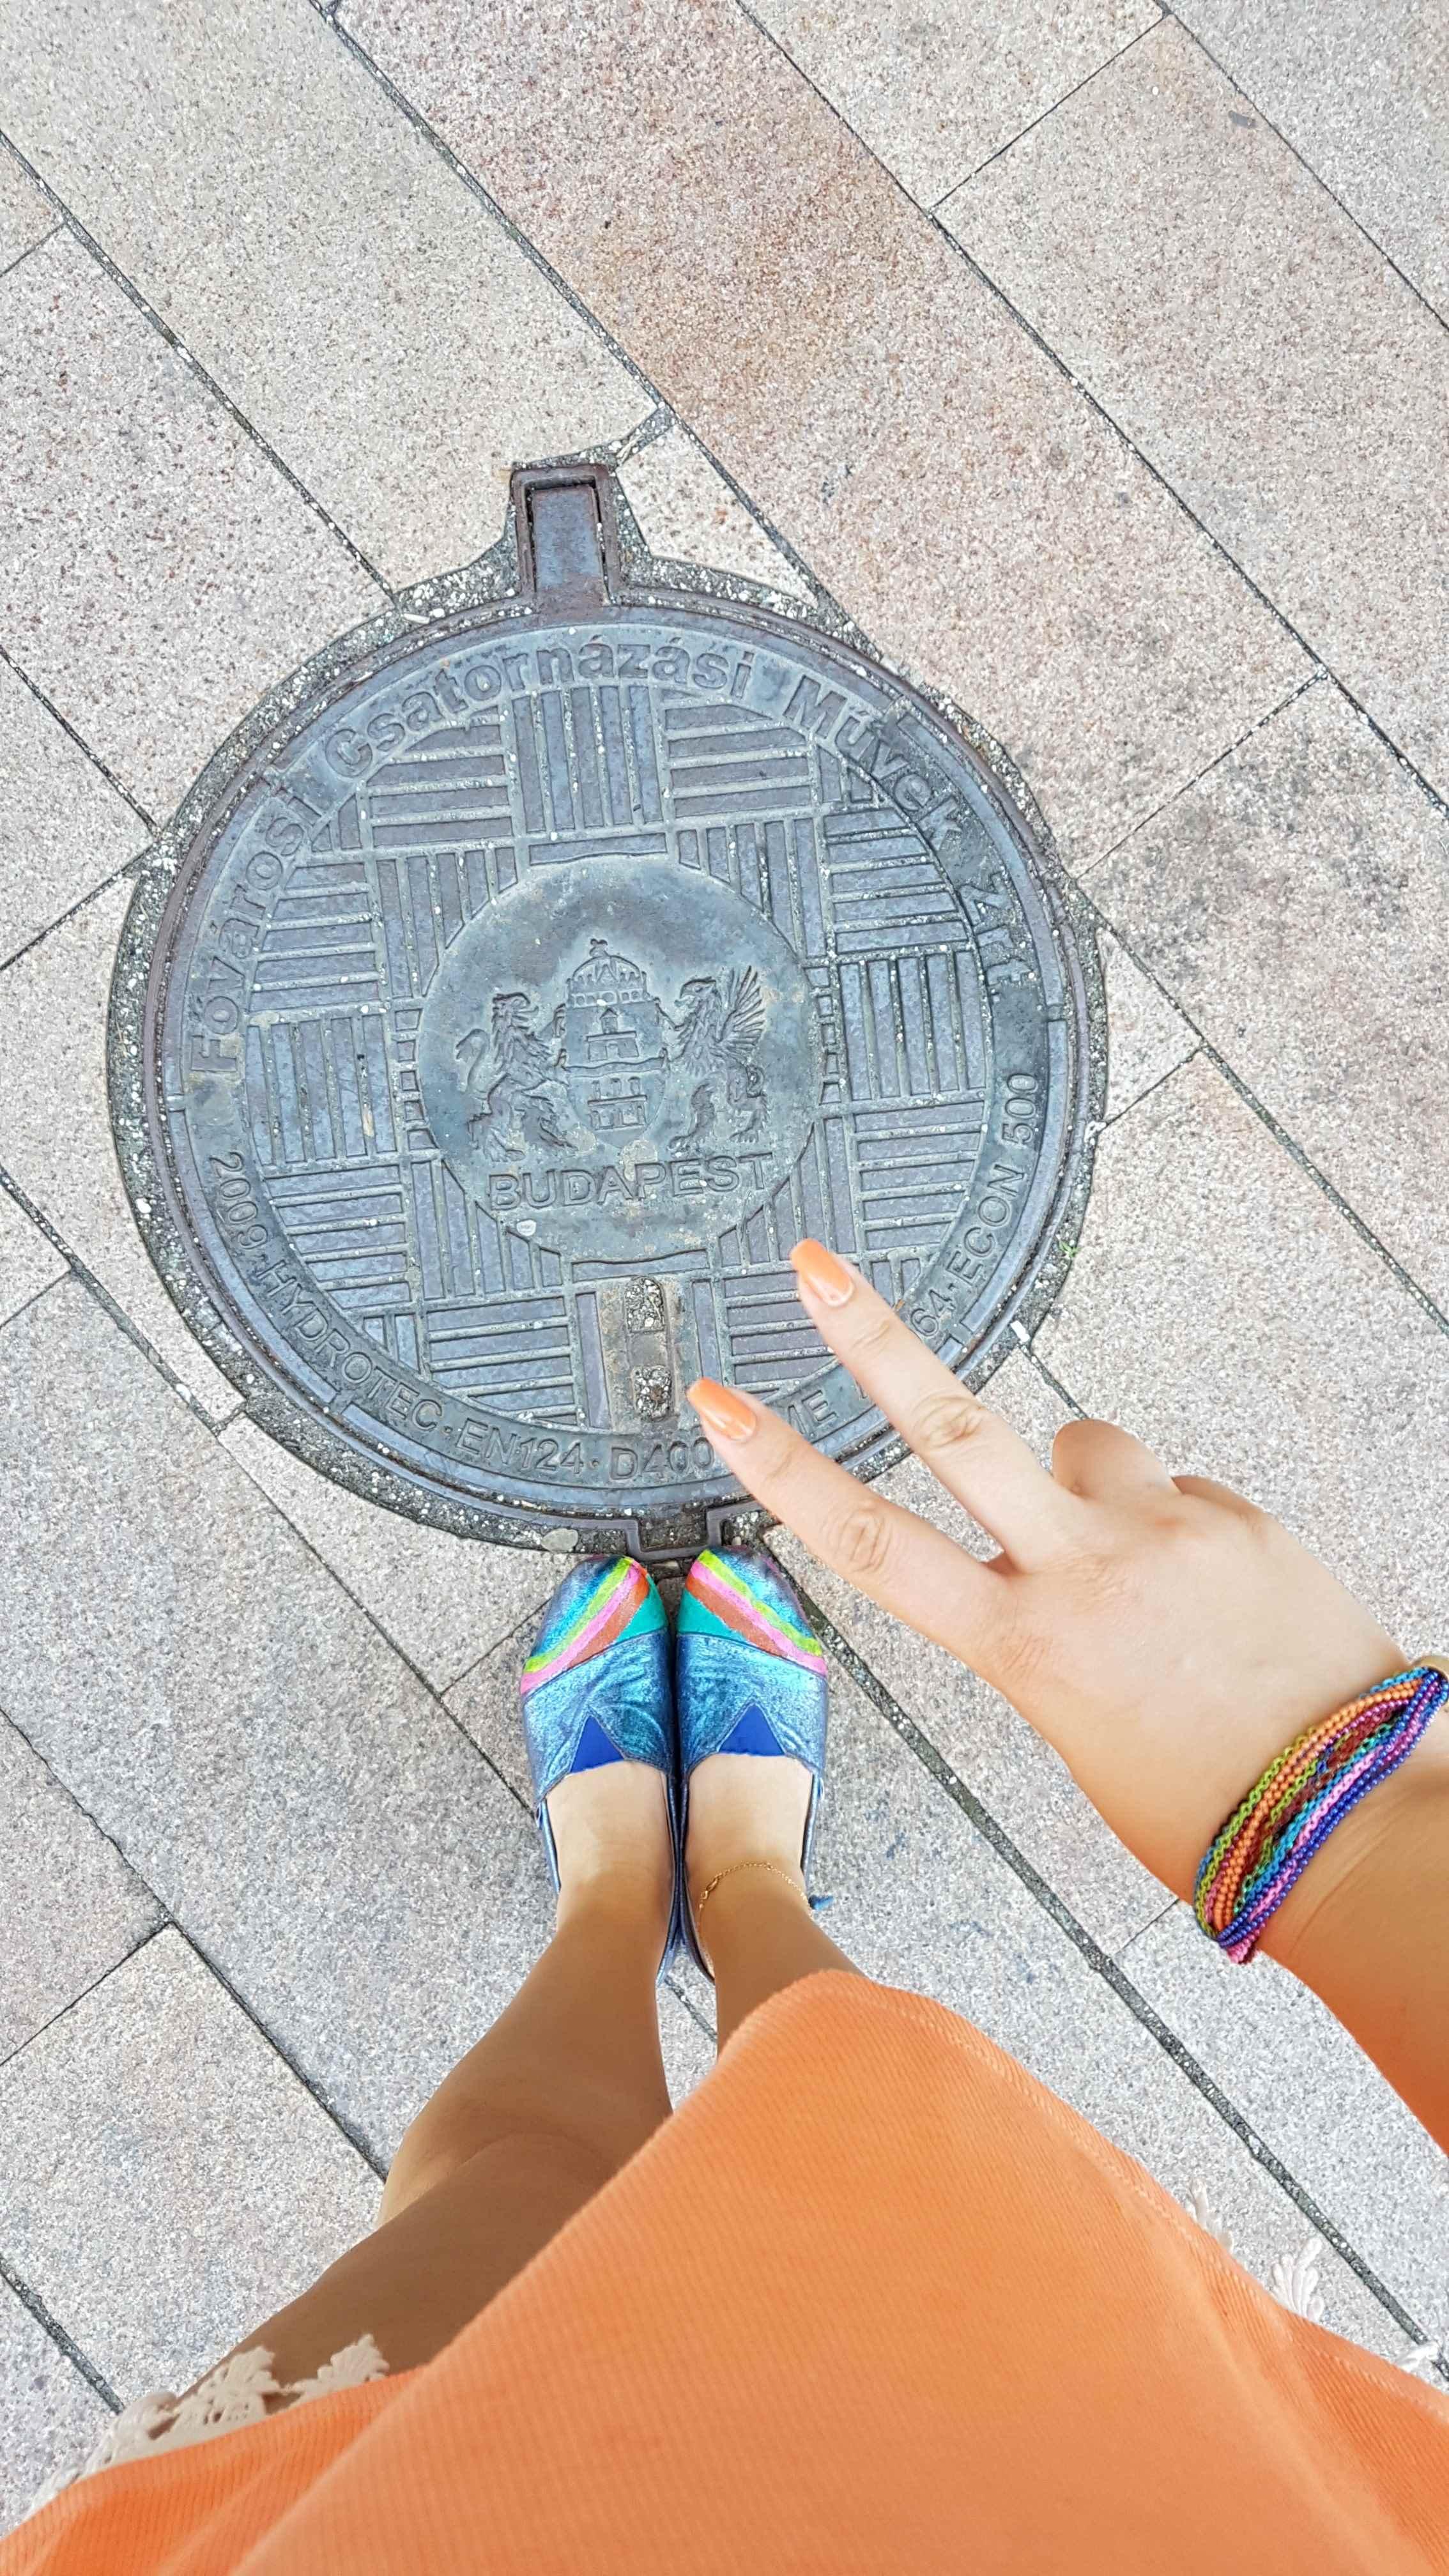 yesempatik-budapeste-gezi-seyahat-manhole